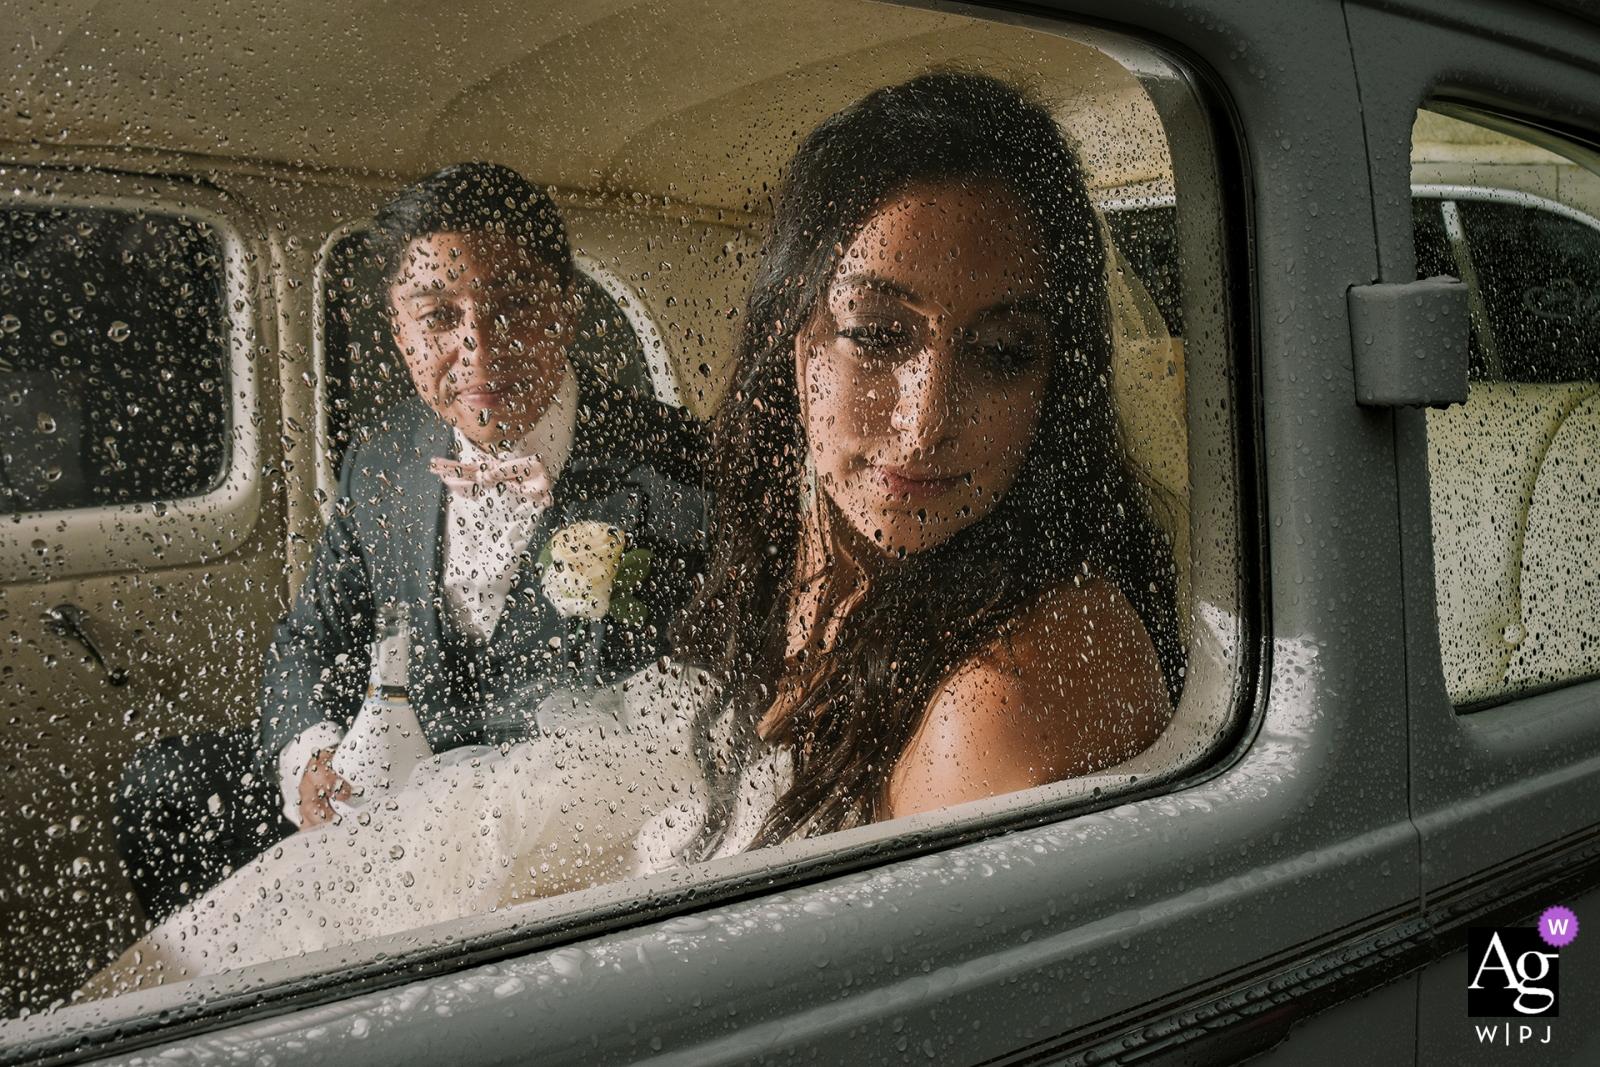 Notre-Dame de Guadalupe, Montreal Hochzeitsfotos - Braut und Bräutigam in ihrer Limousine direkt nach der Zeremonie, während es draußen regnet